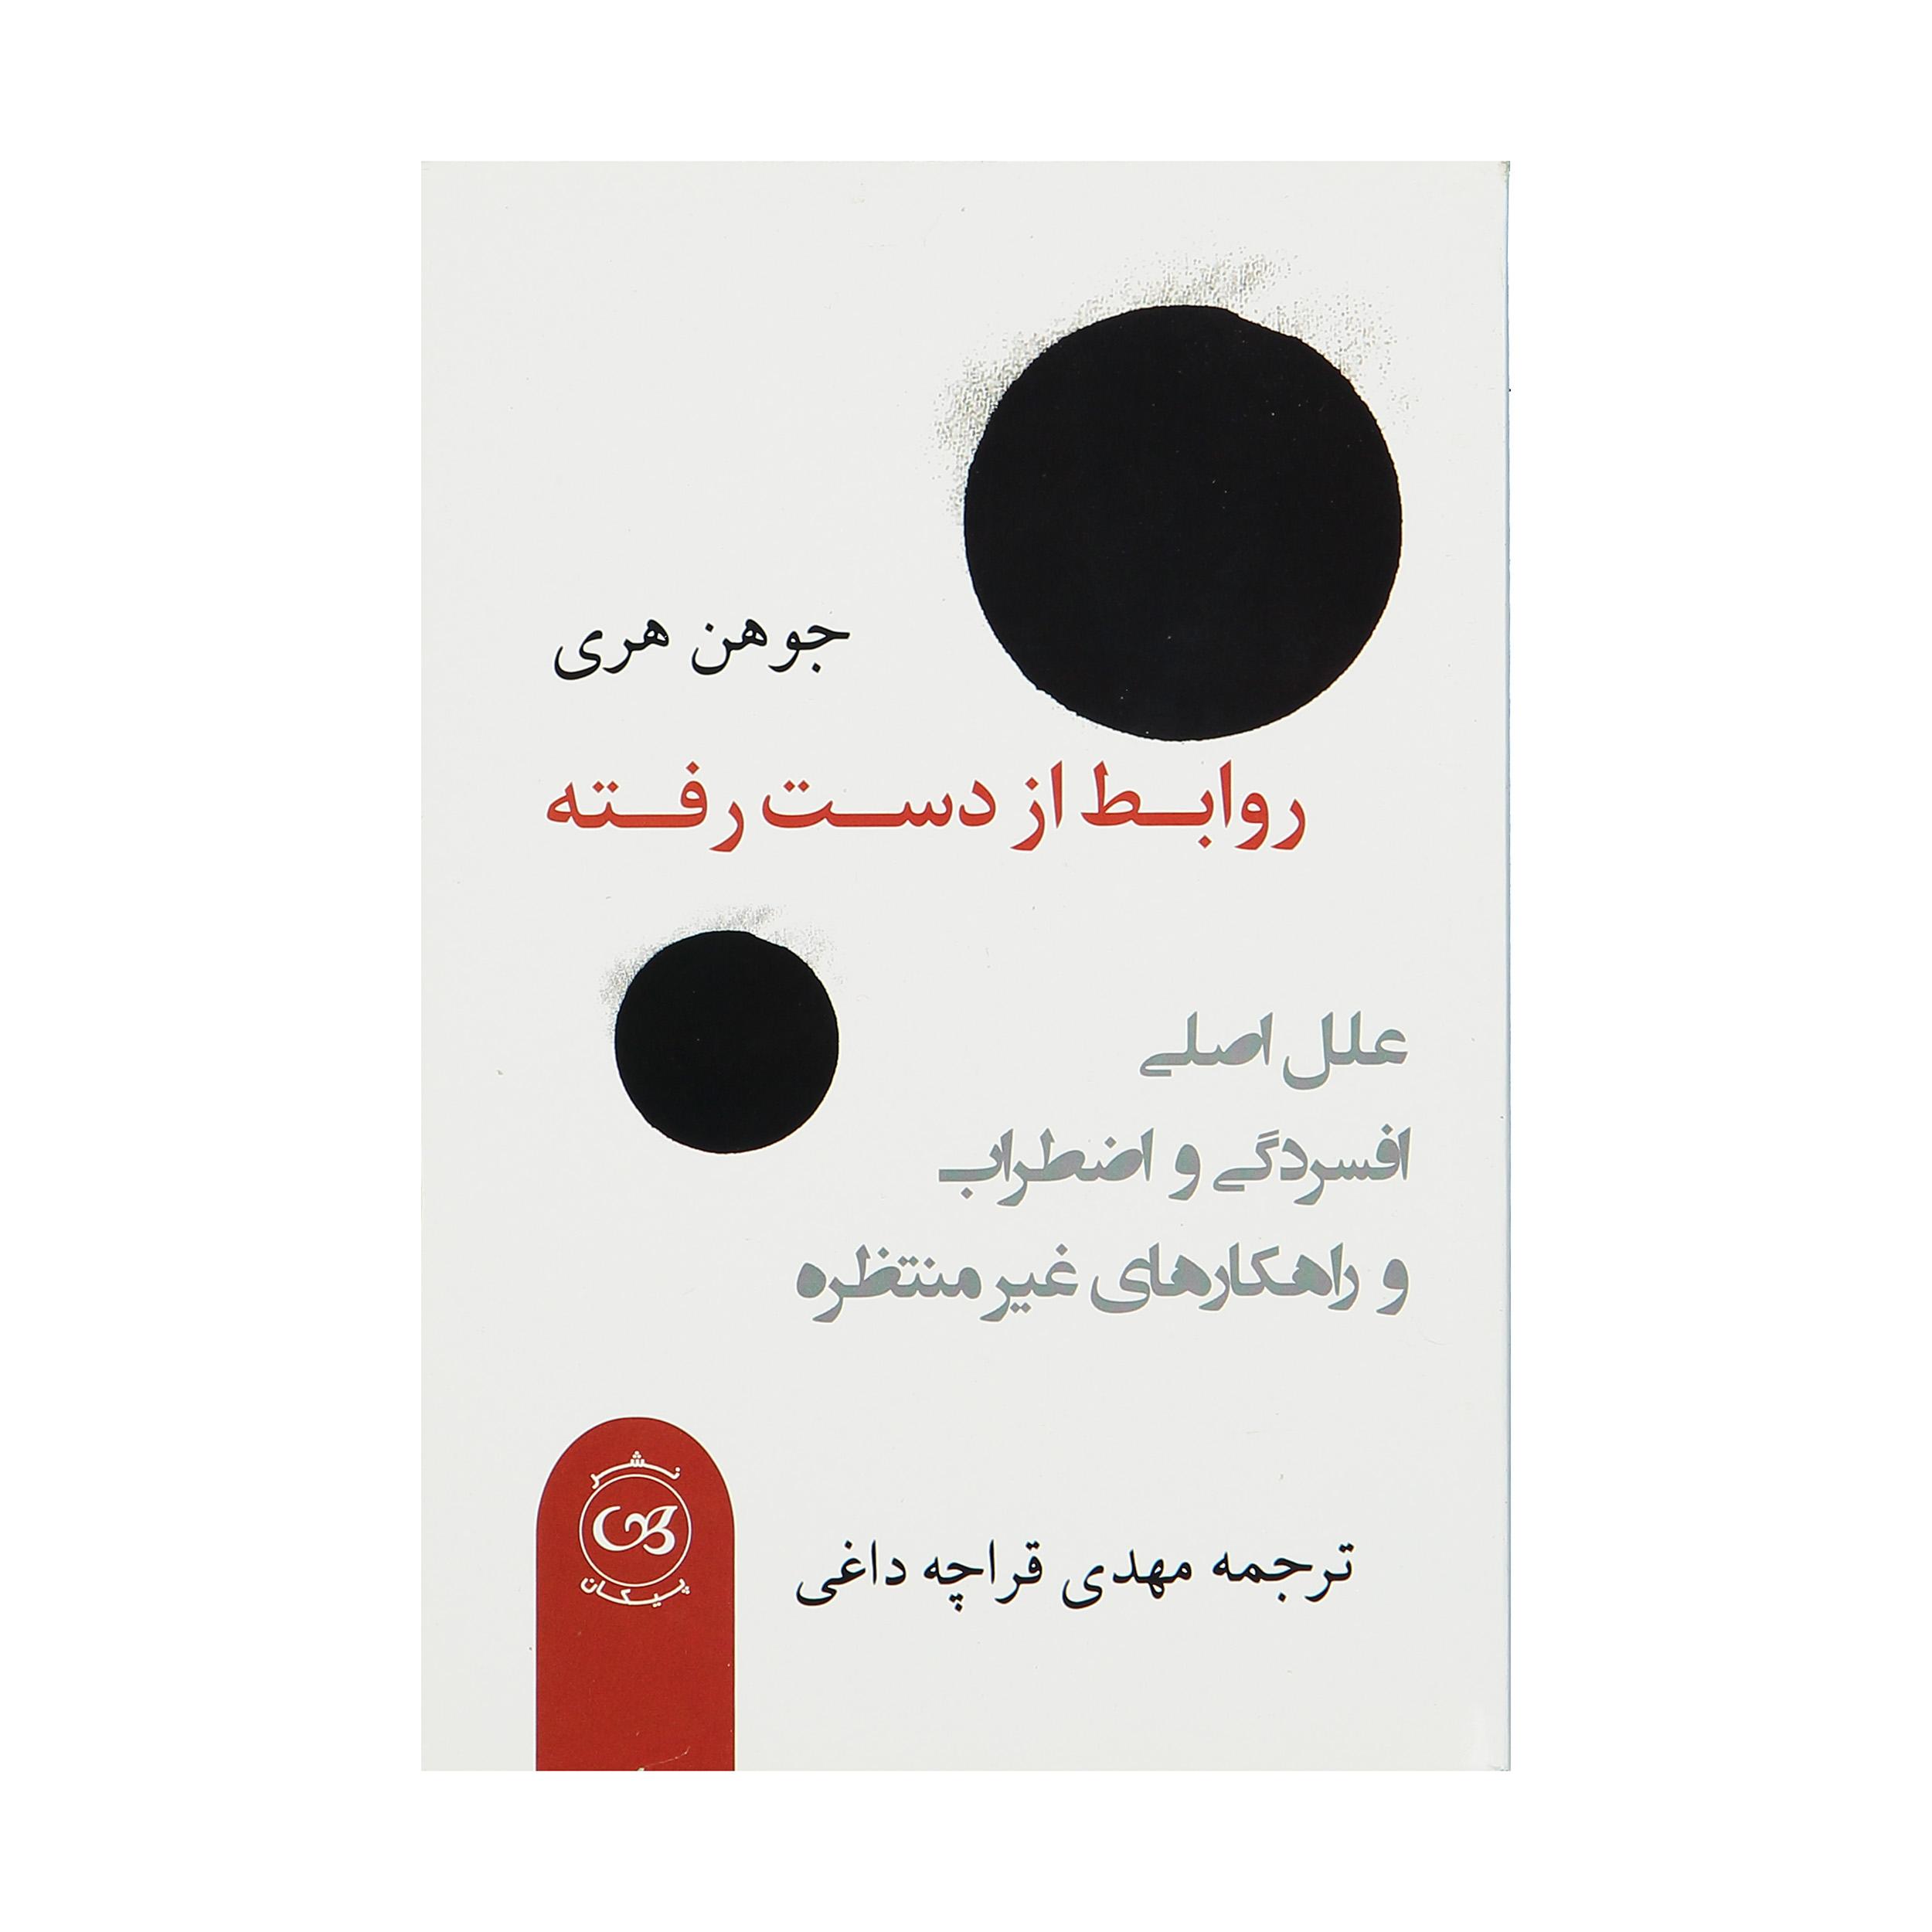 کتاب روابط از دست رفته اثر جوهن هری نشر پیکان